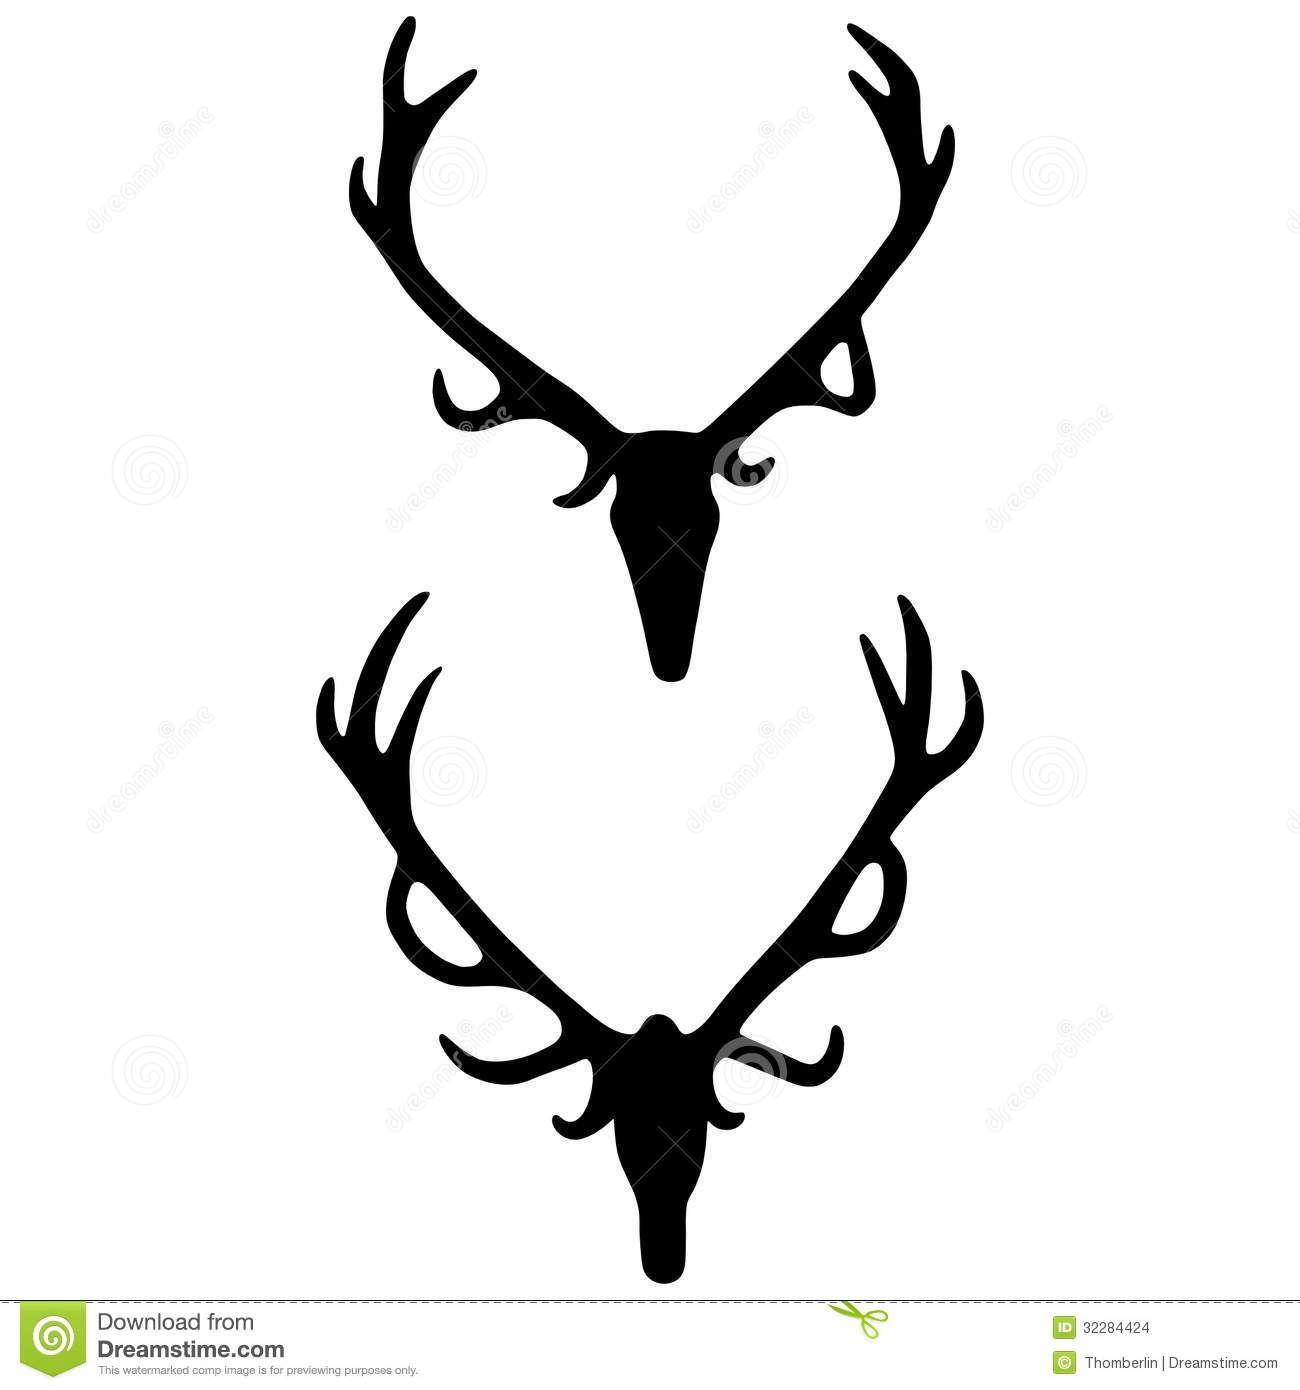 Antlers clipart elk. Antler silhouette at getdrawings